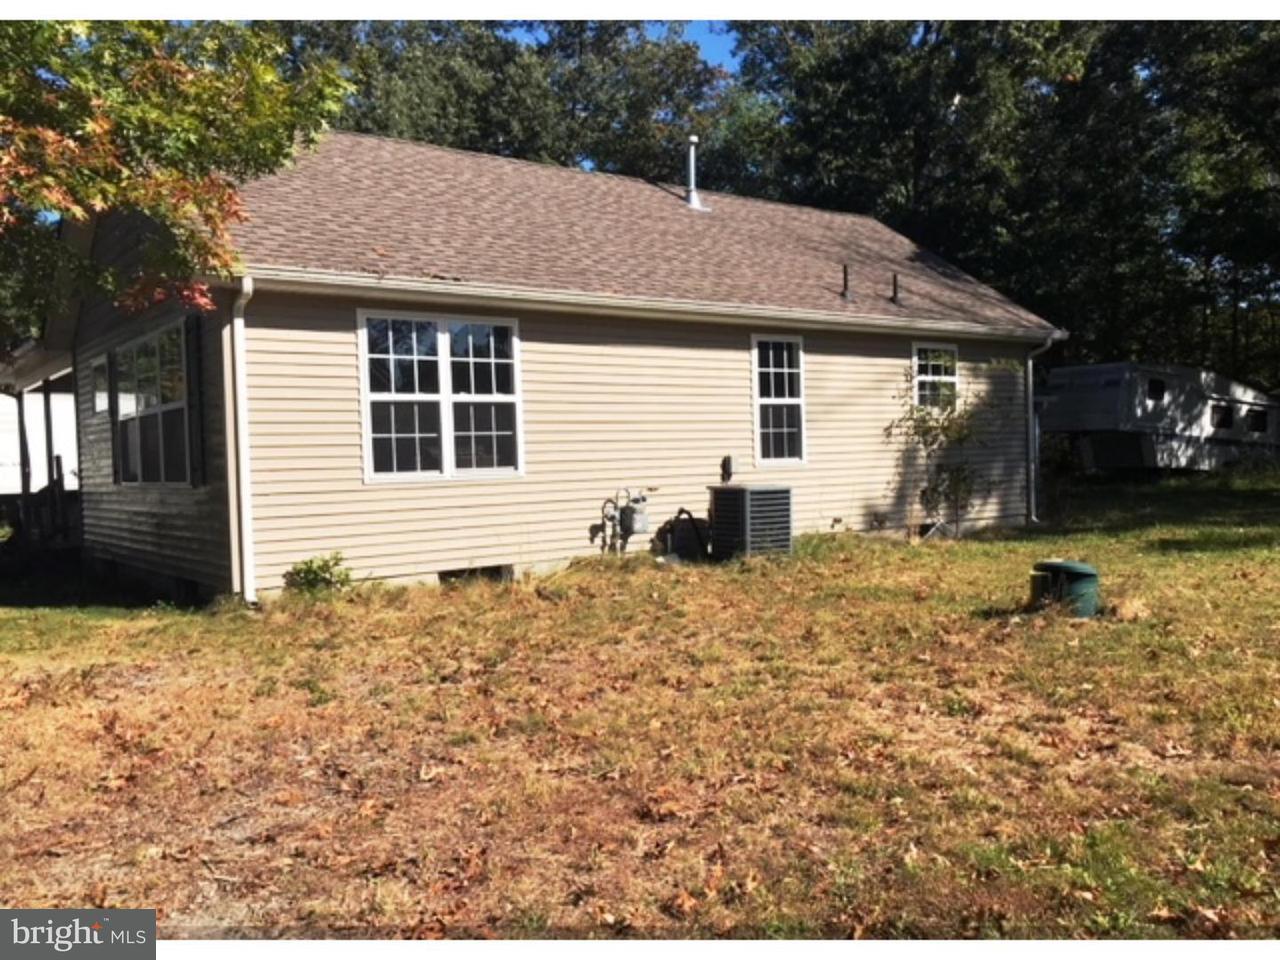 独户住宅 为 销售 在 250 WEYMOUTH Road Buena, 新泽西州 08310 美国